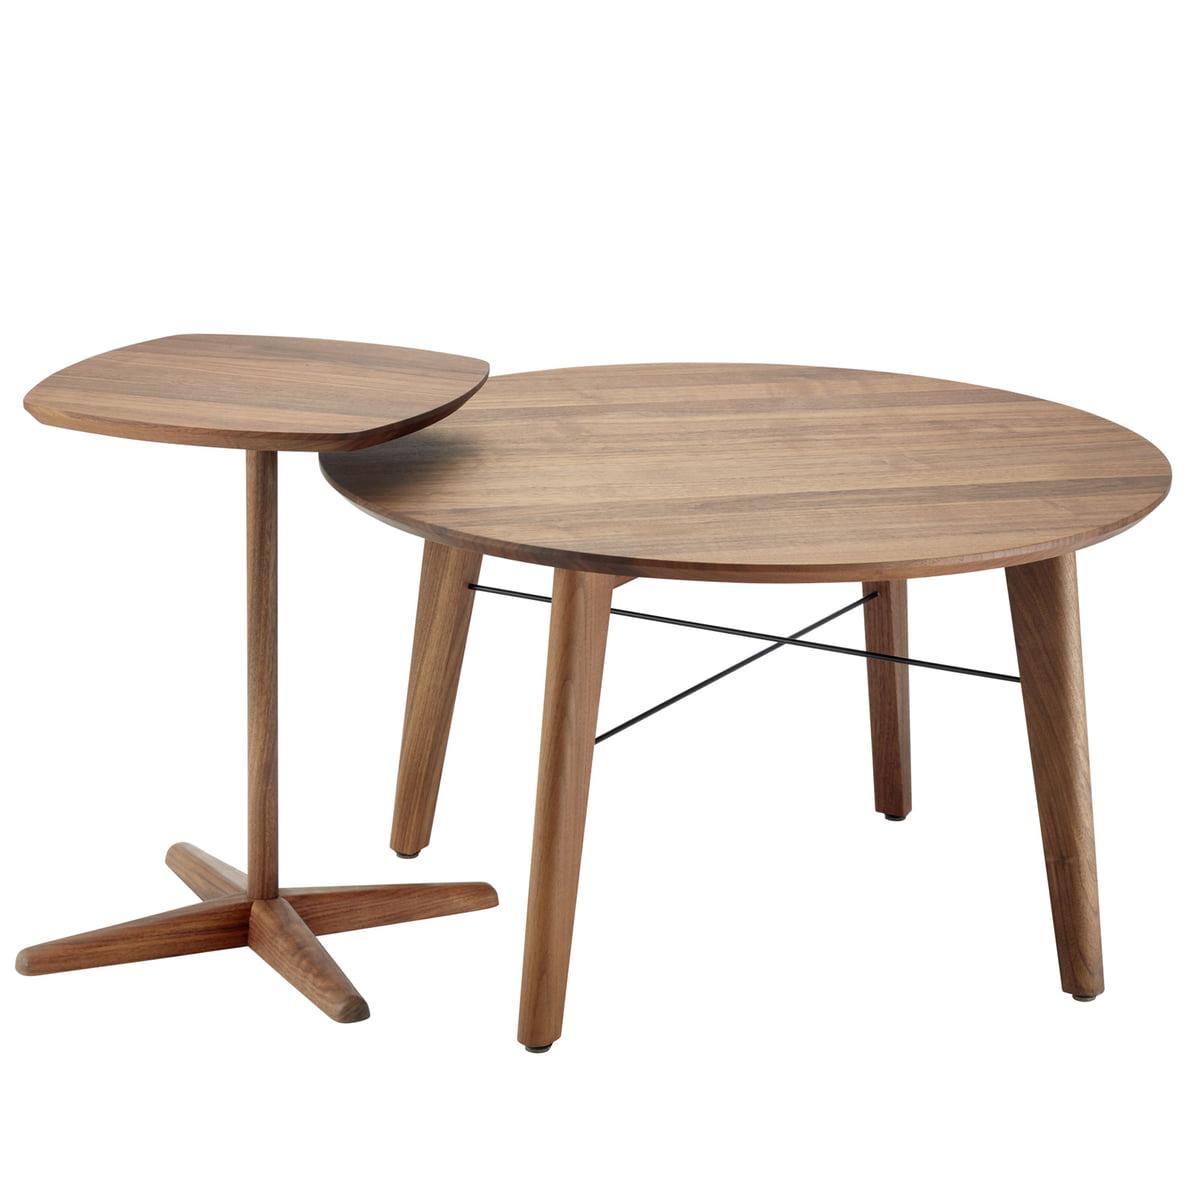 s 1860 couchtisch von thonet. Black Bedroom Furniture Sets. Home Design Ideas